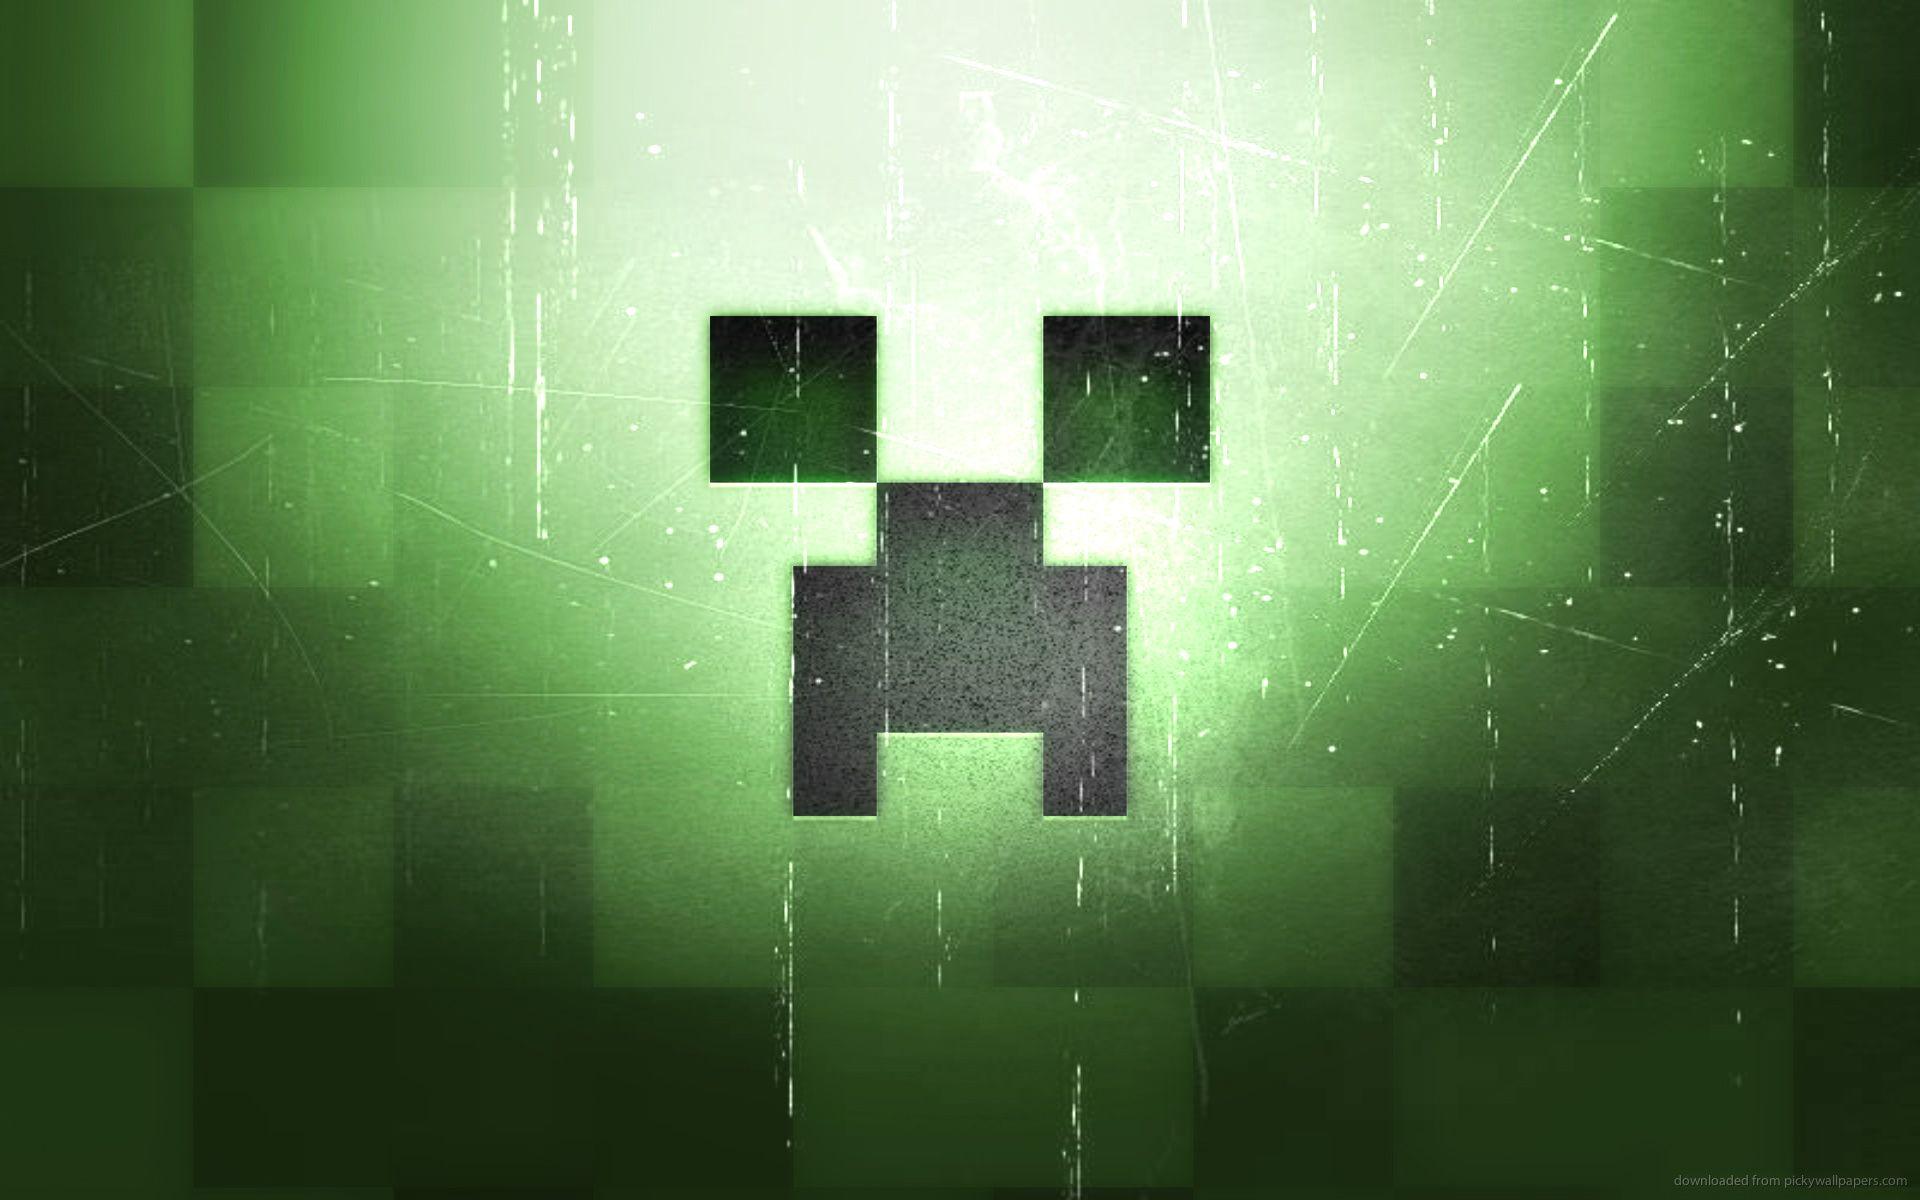 Beautiful Wallpaper Minecraft Neon - 5e9e07e67489bd19d3559ad8043dbff3  Picture_37133.jpg